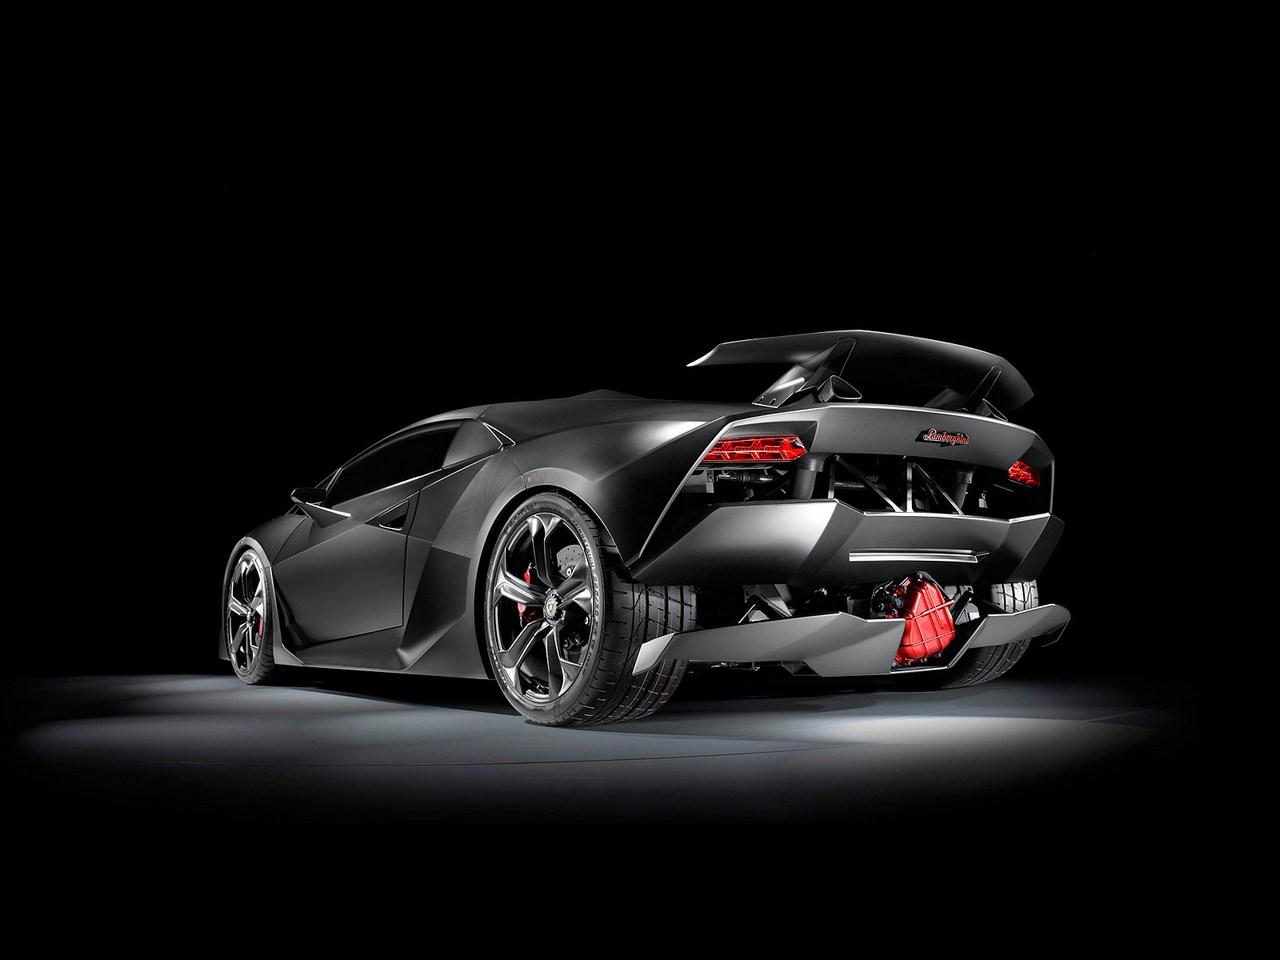 Lamborghini-Sesto-Elemento-Concept-2010-Photo-13